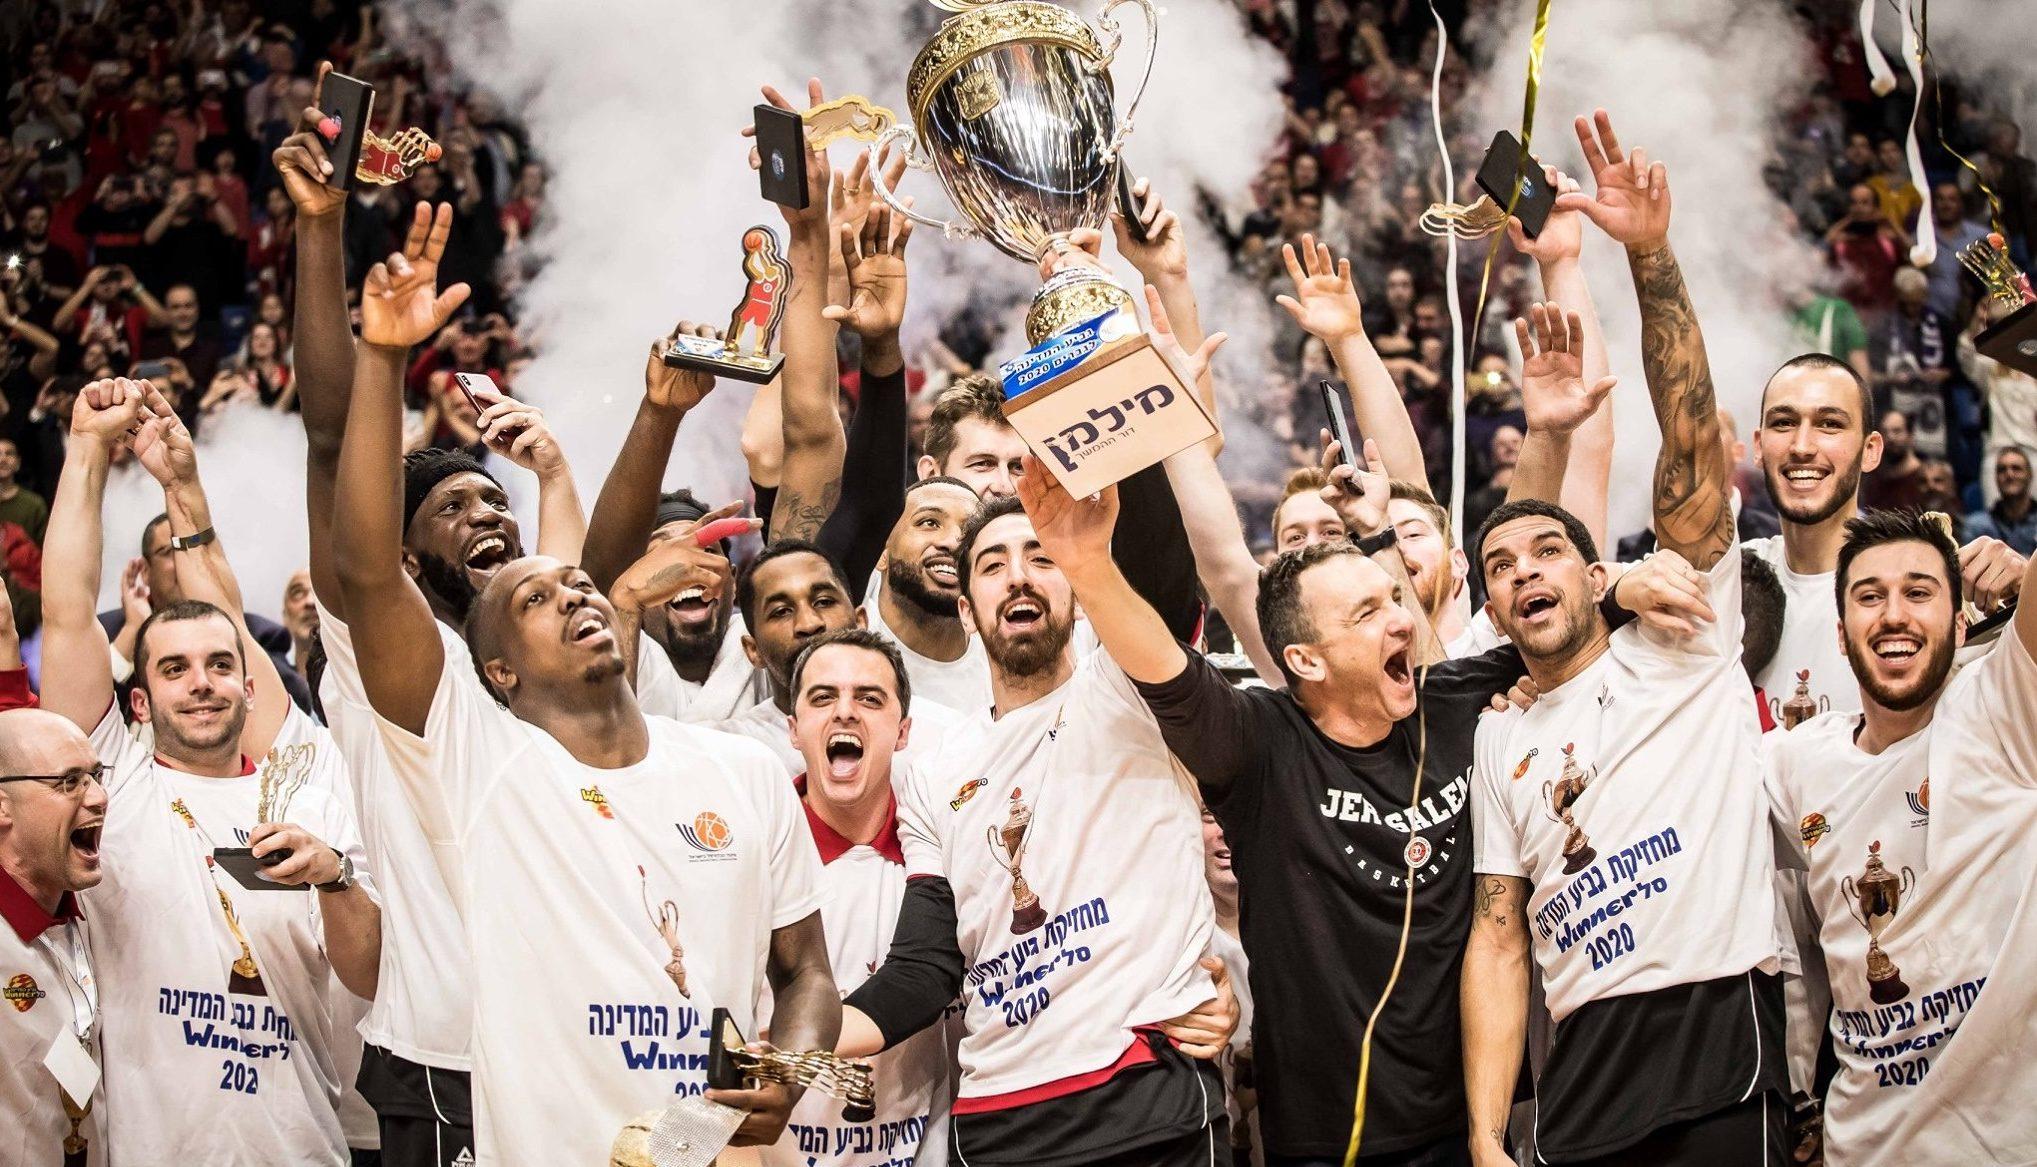 כדורסל: הפועל ירושלים זכתה בגביע המדינה בפעם השישית בתולדותיה